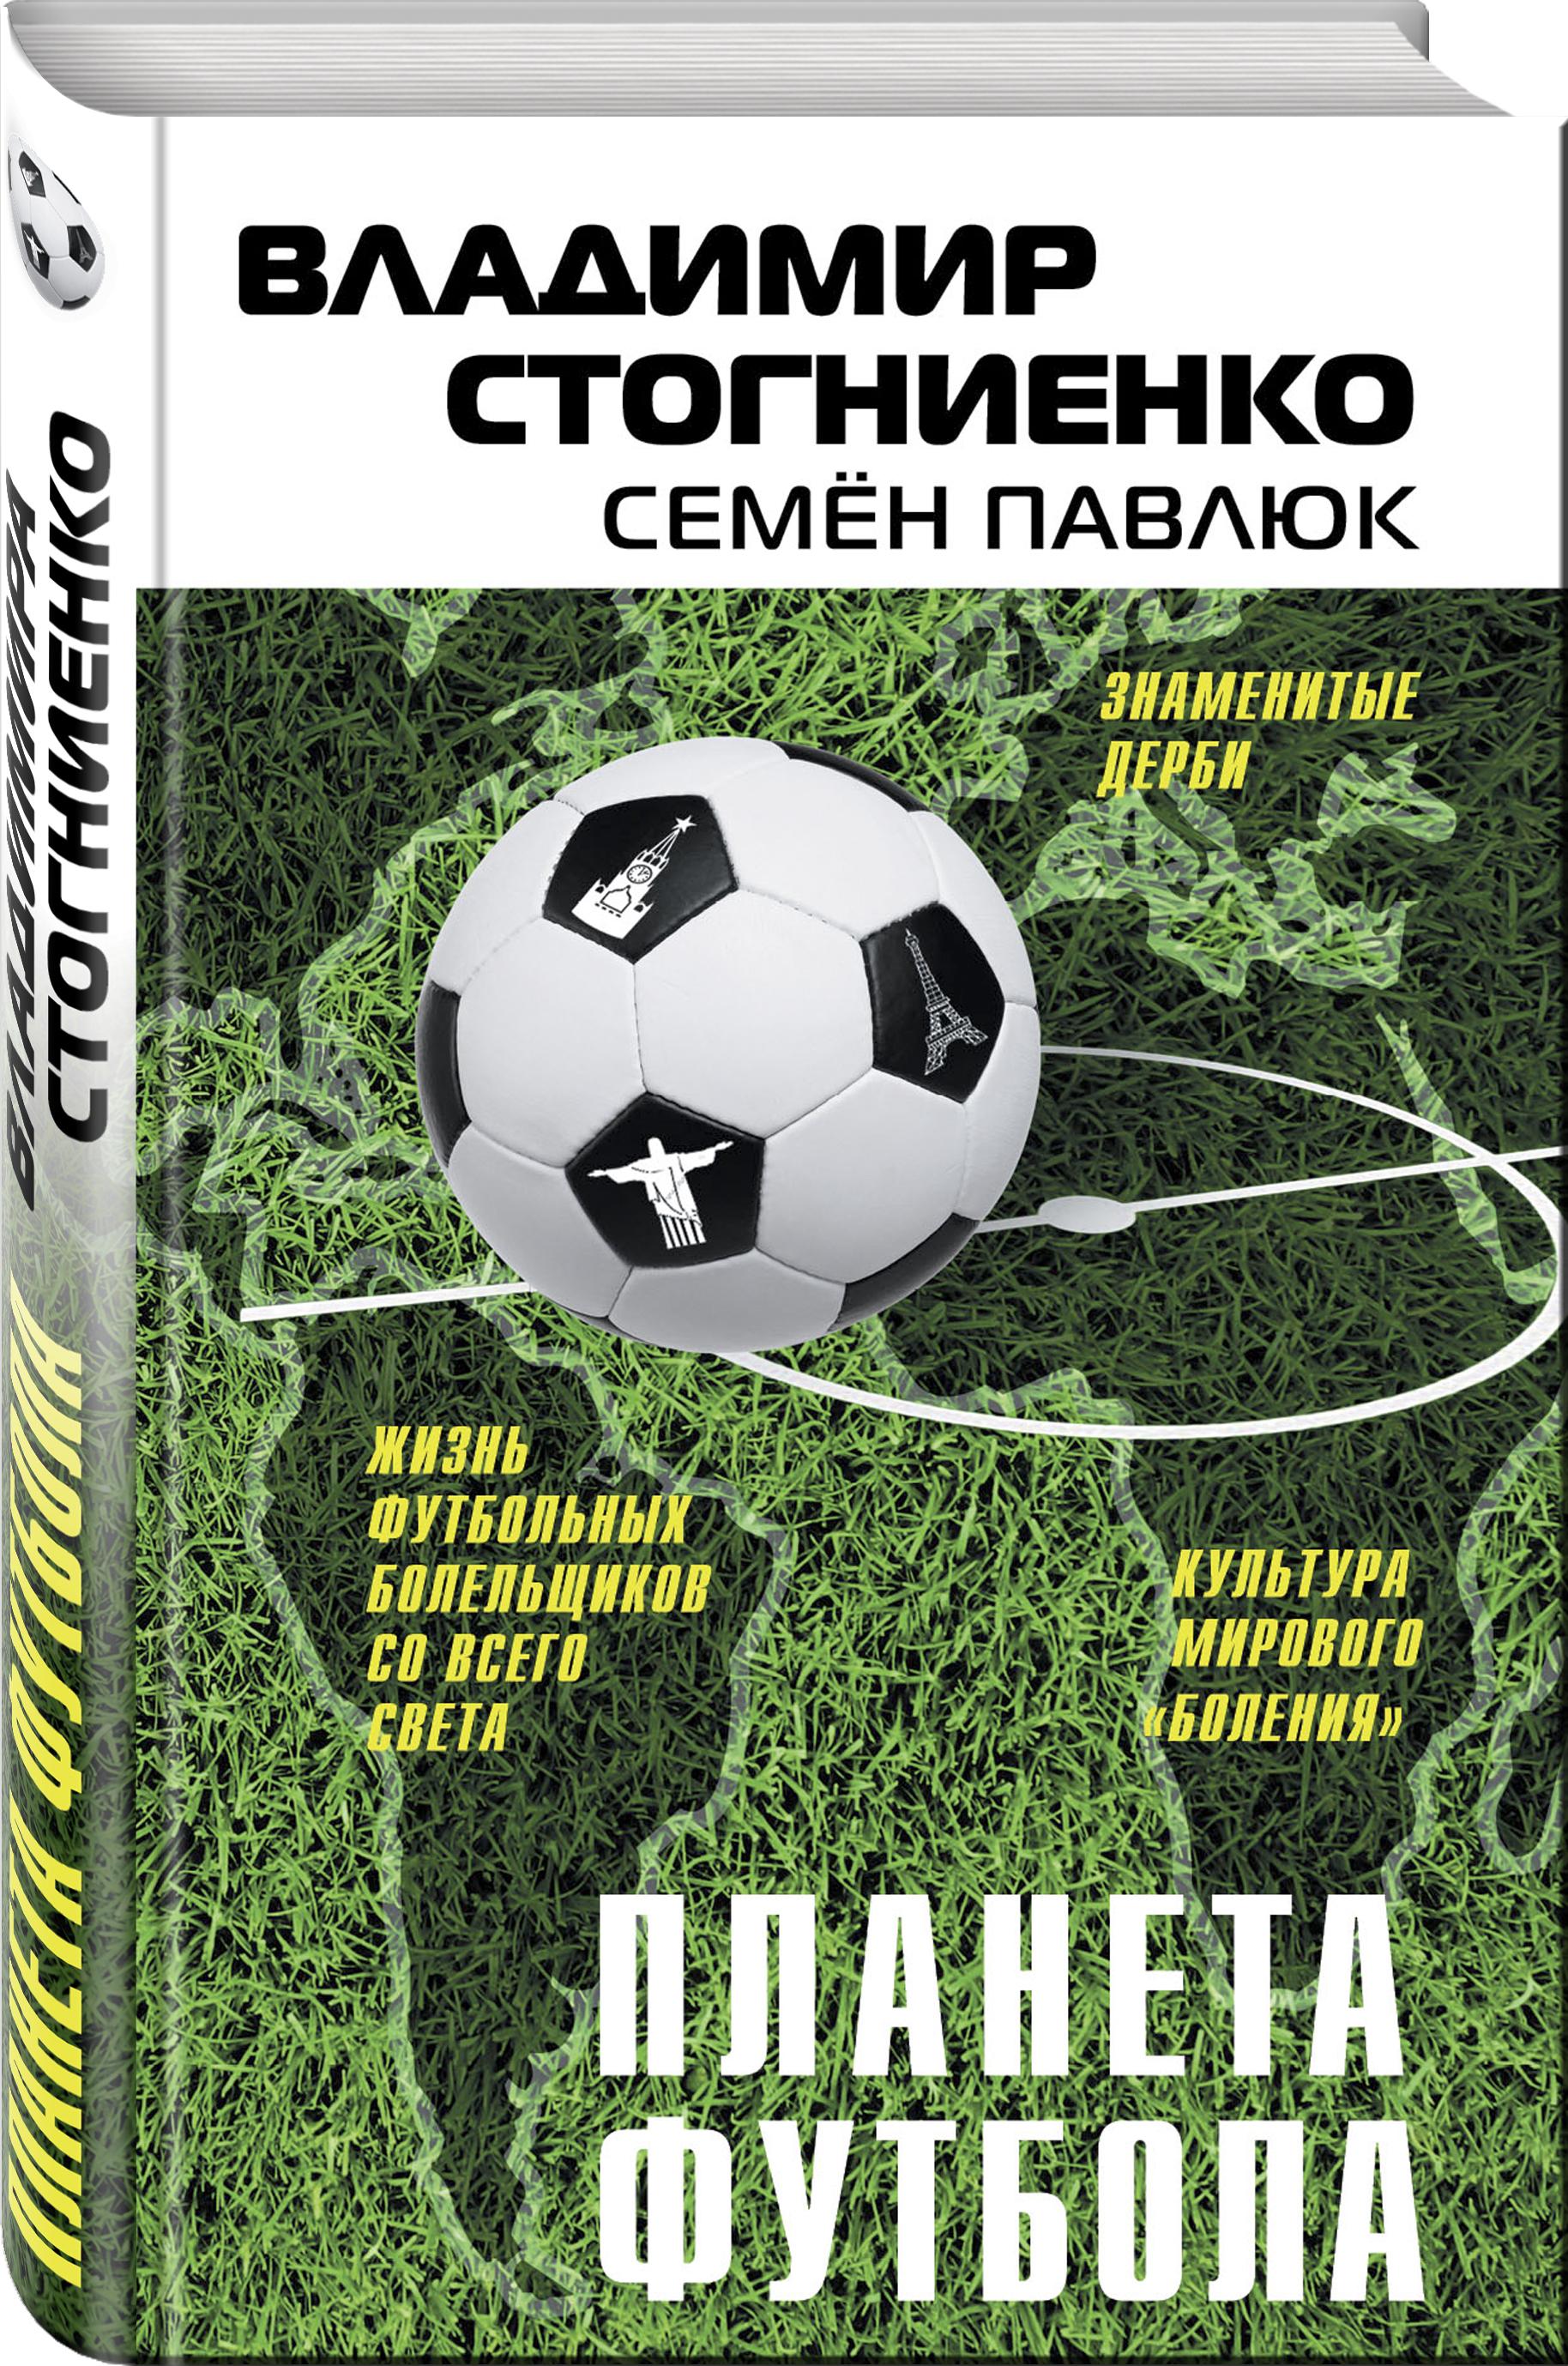 Планета футбола. Города, стадионы и знаменитые дерби от book24.ru